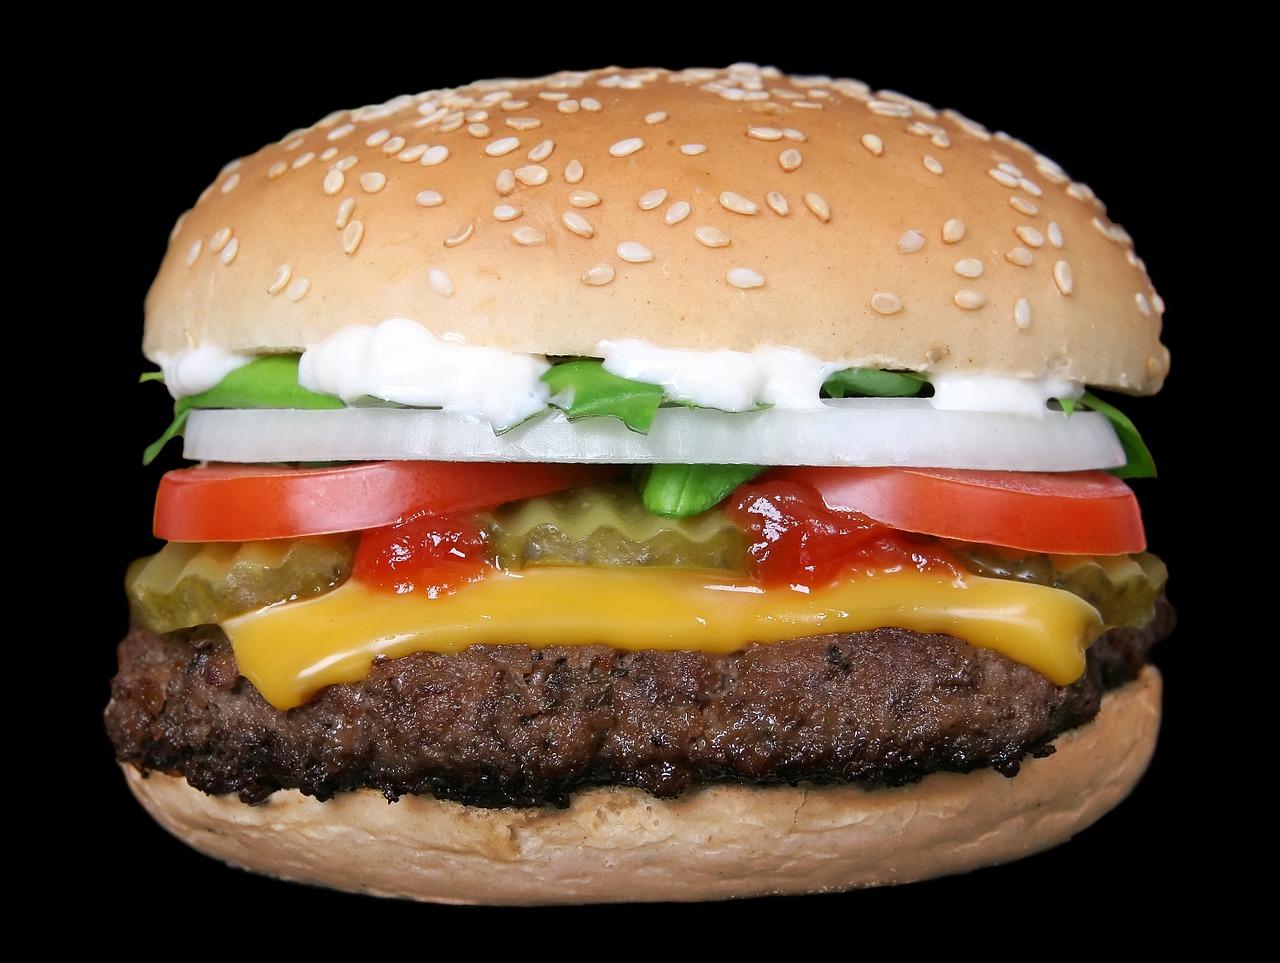 Paula Deen Ate A Cheeseburger